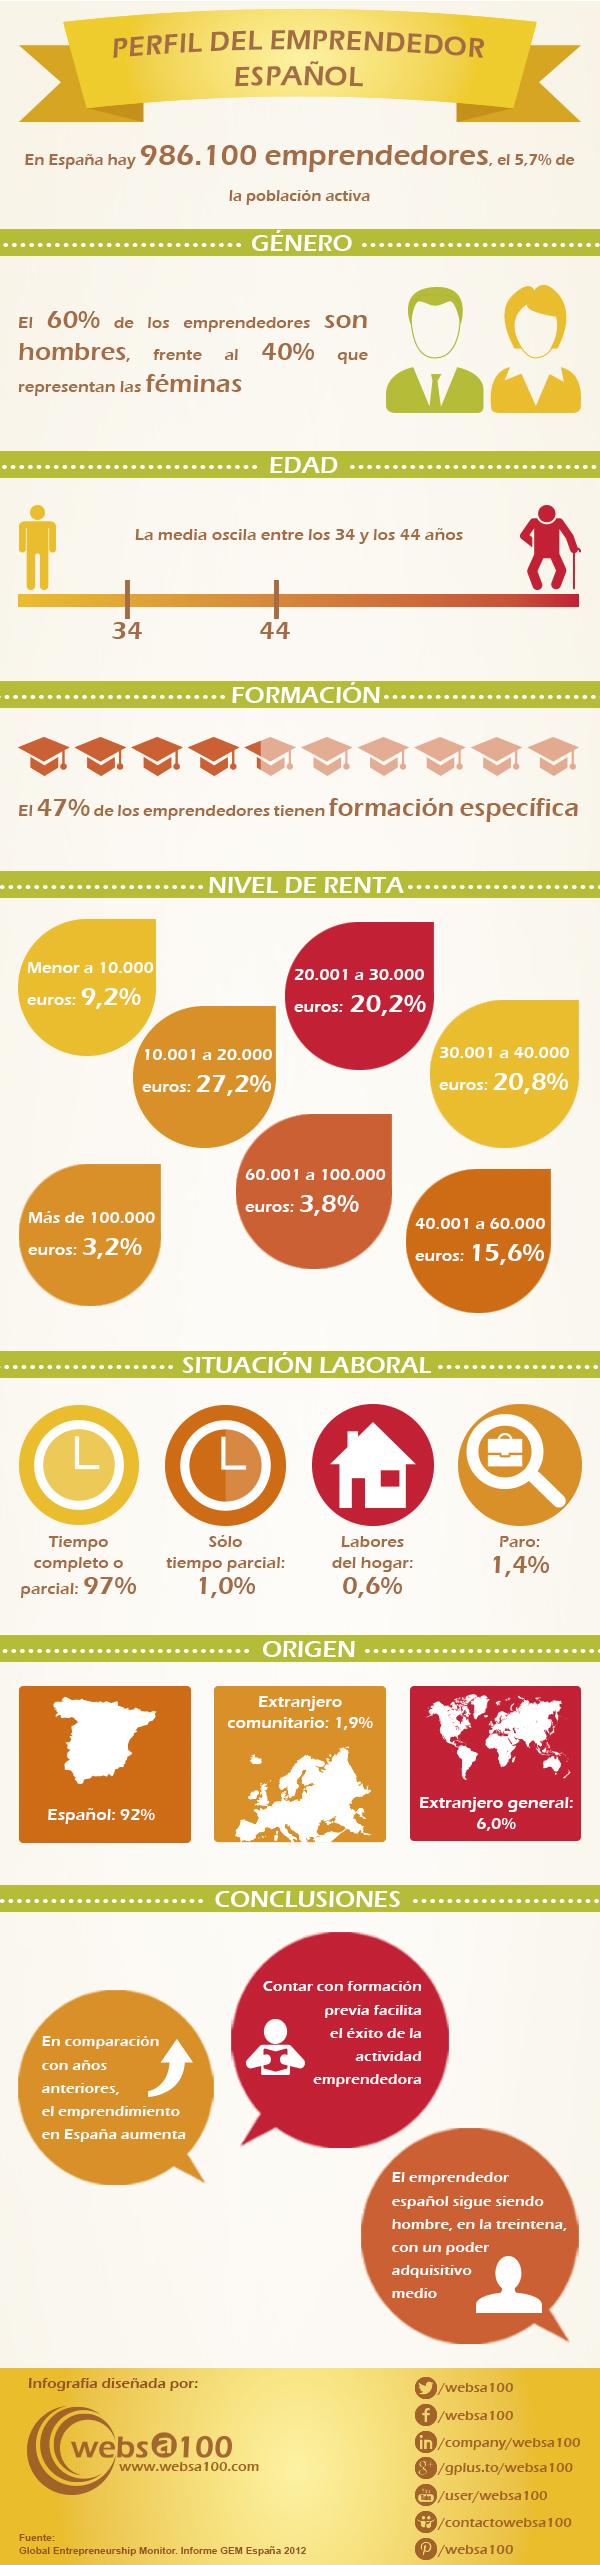 perfil de los emprendedores en España